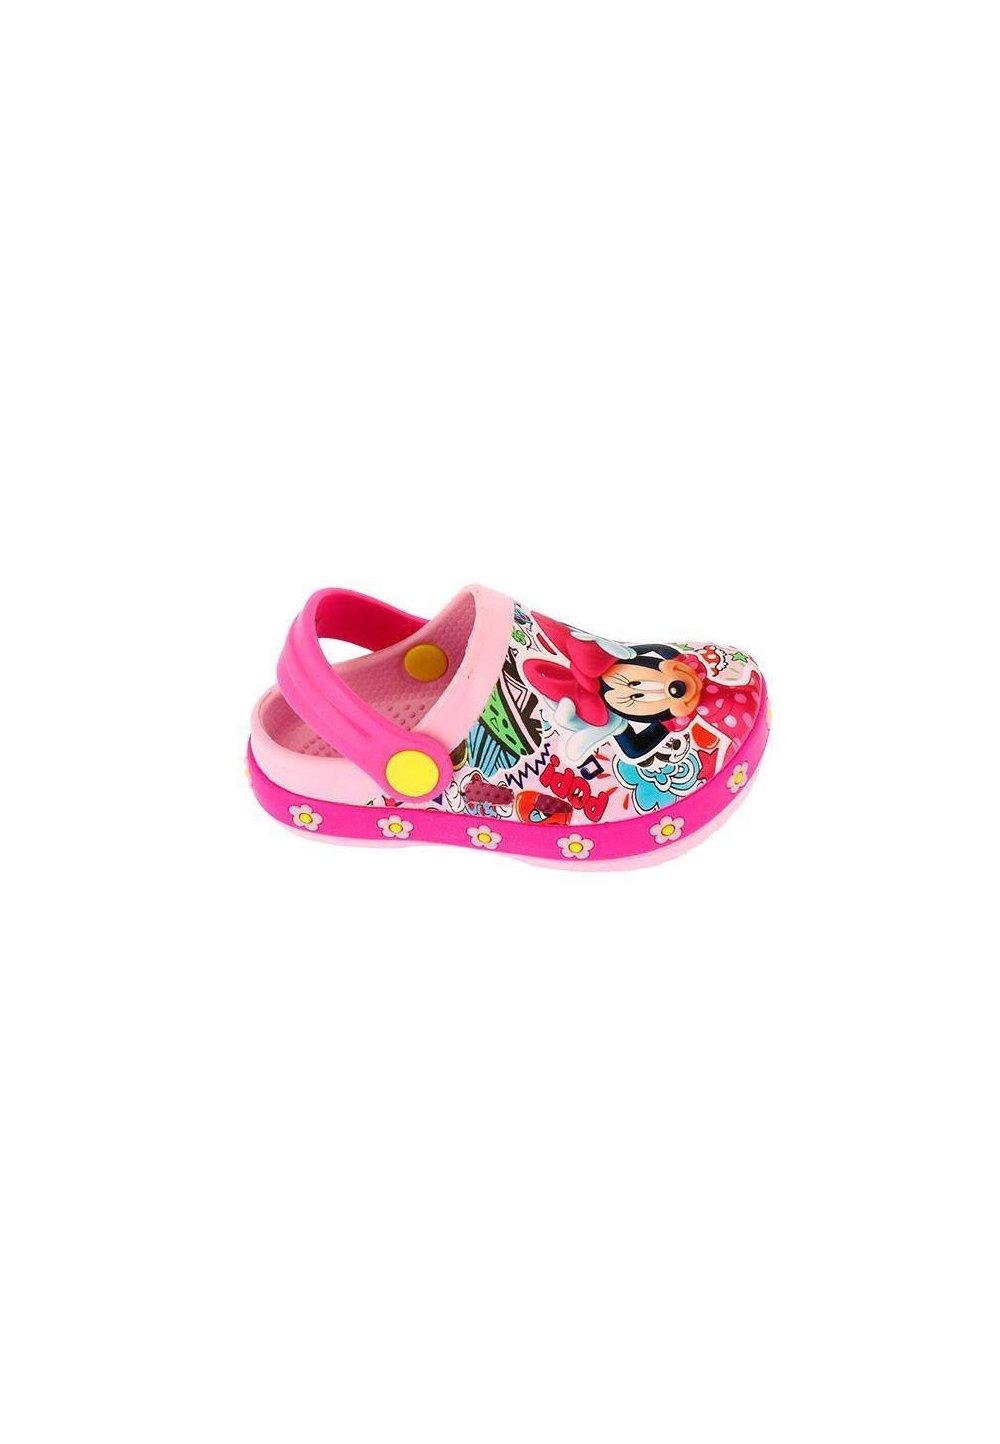 Saboti plaja, roz cu floricele, Minnie Mouse